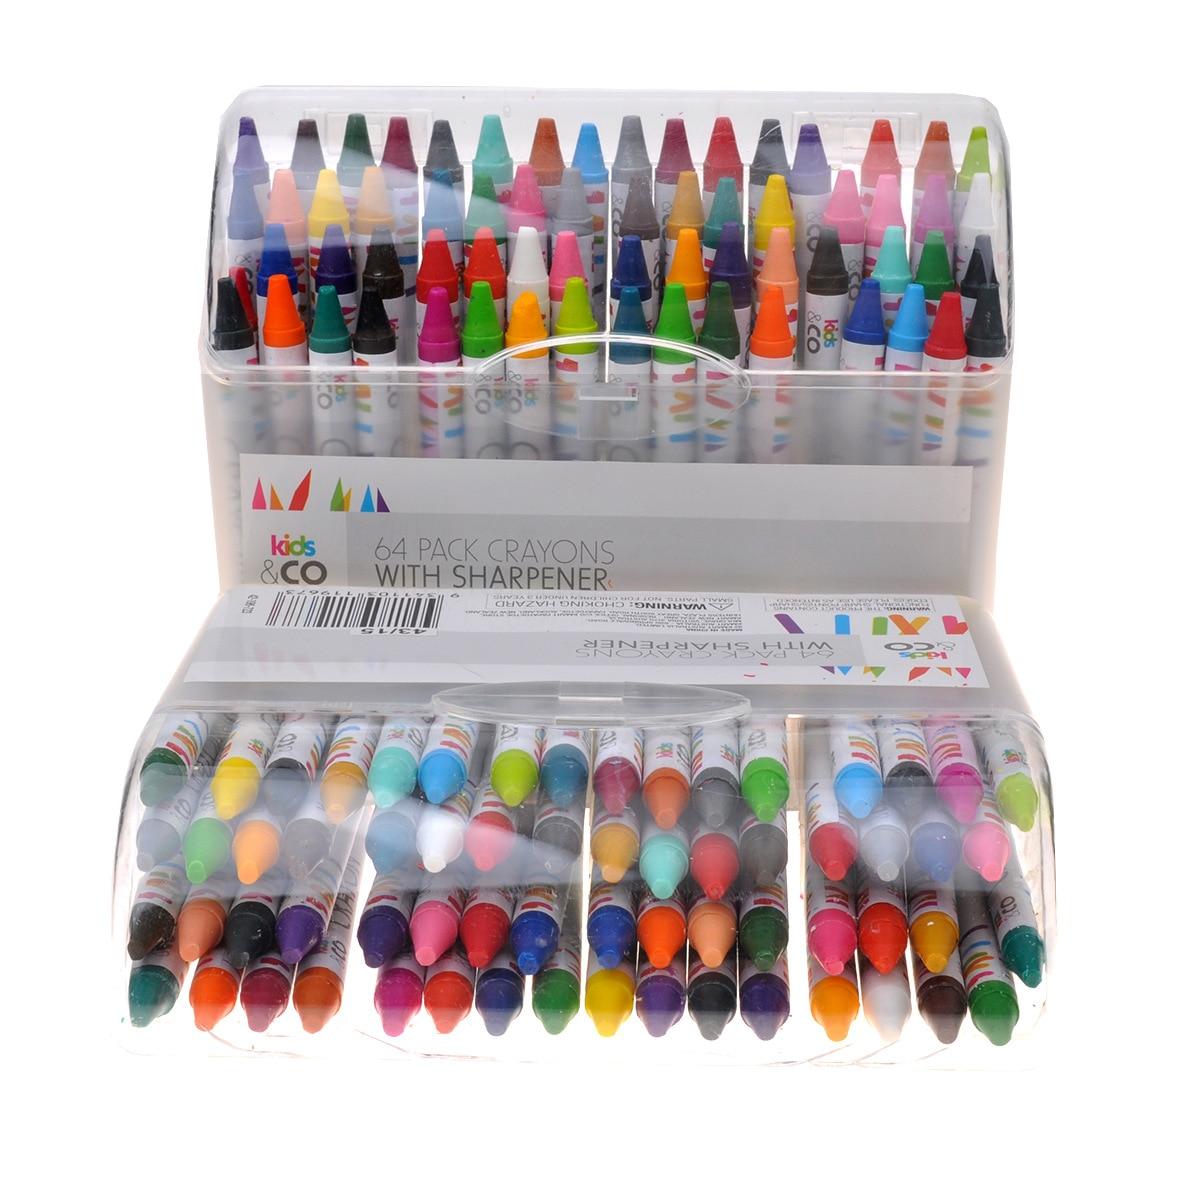 Ofis ve Okul Malzemeleri'ten Boya Kalemi'de 64 renk çocuk mum boya/güvenli renk öğrenci sanat graffiti boya fırçası renk mum boya/sanat malzemeleri/çizim/boya kalemi title=